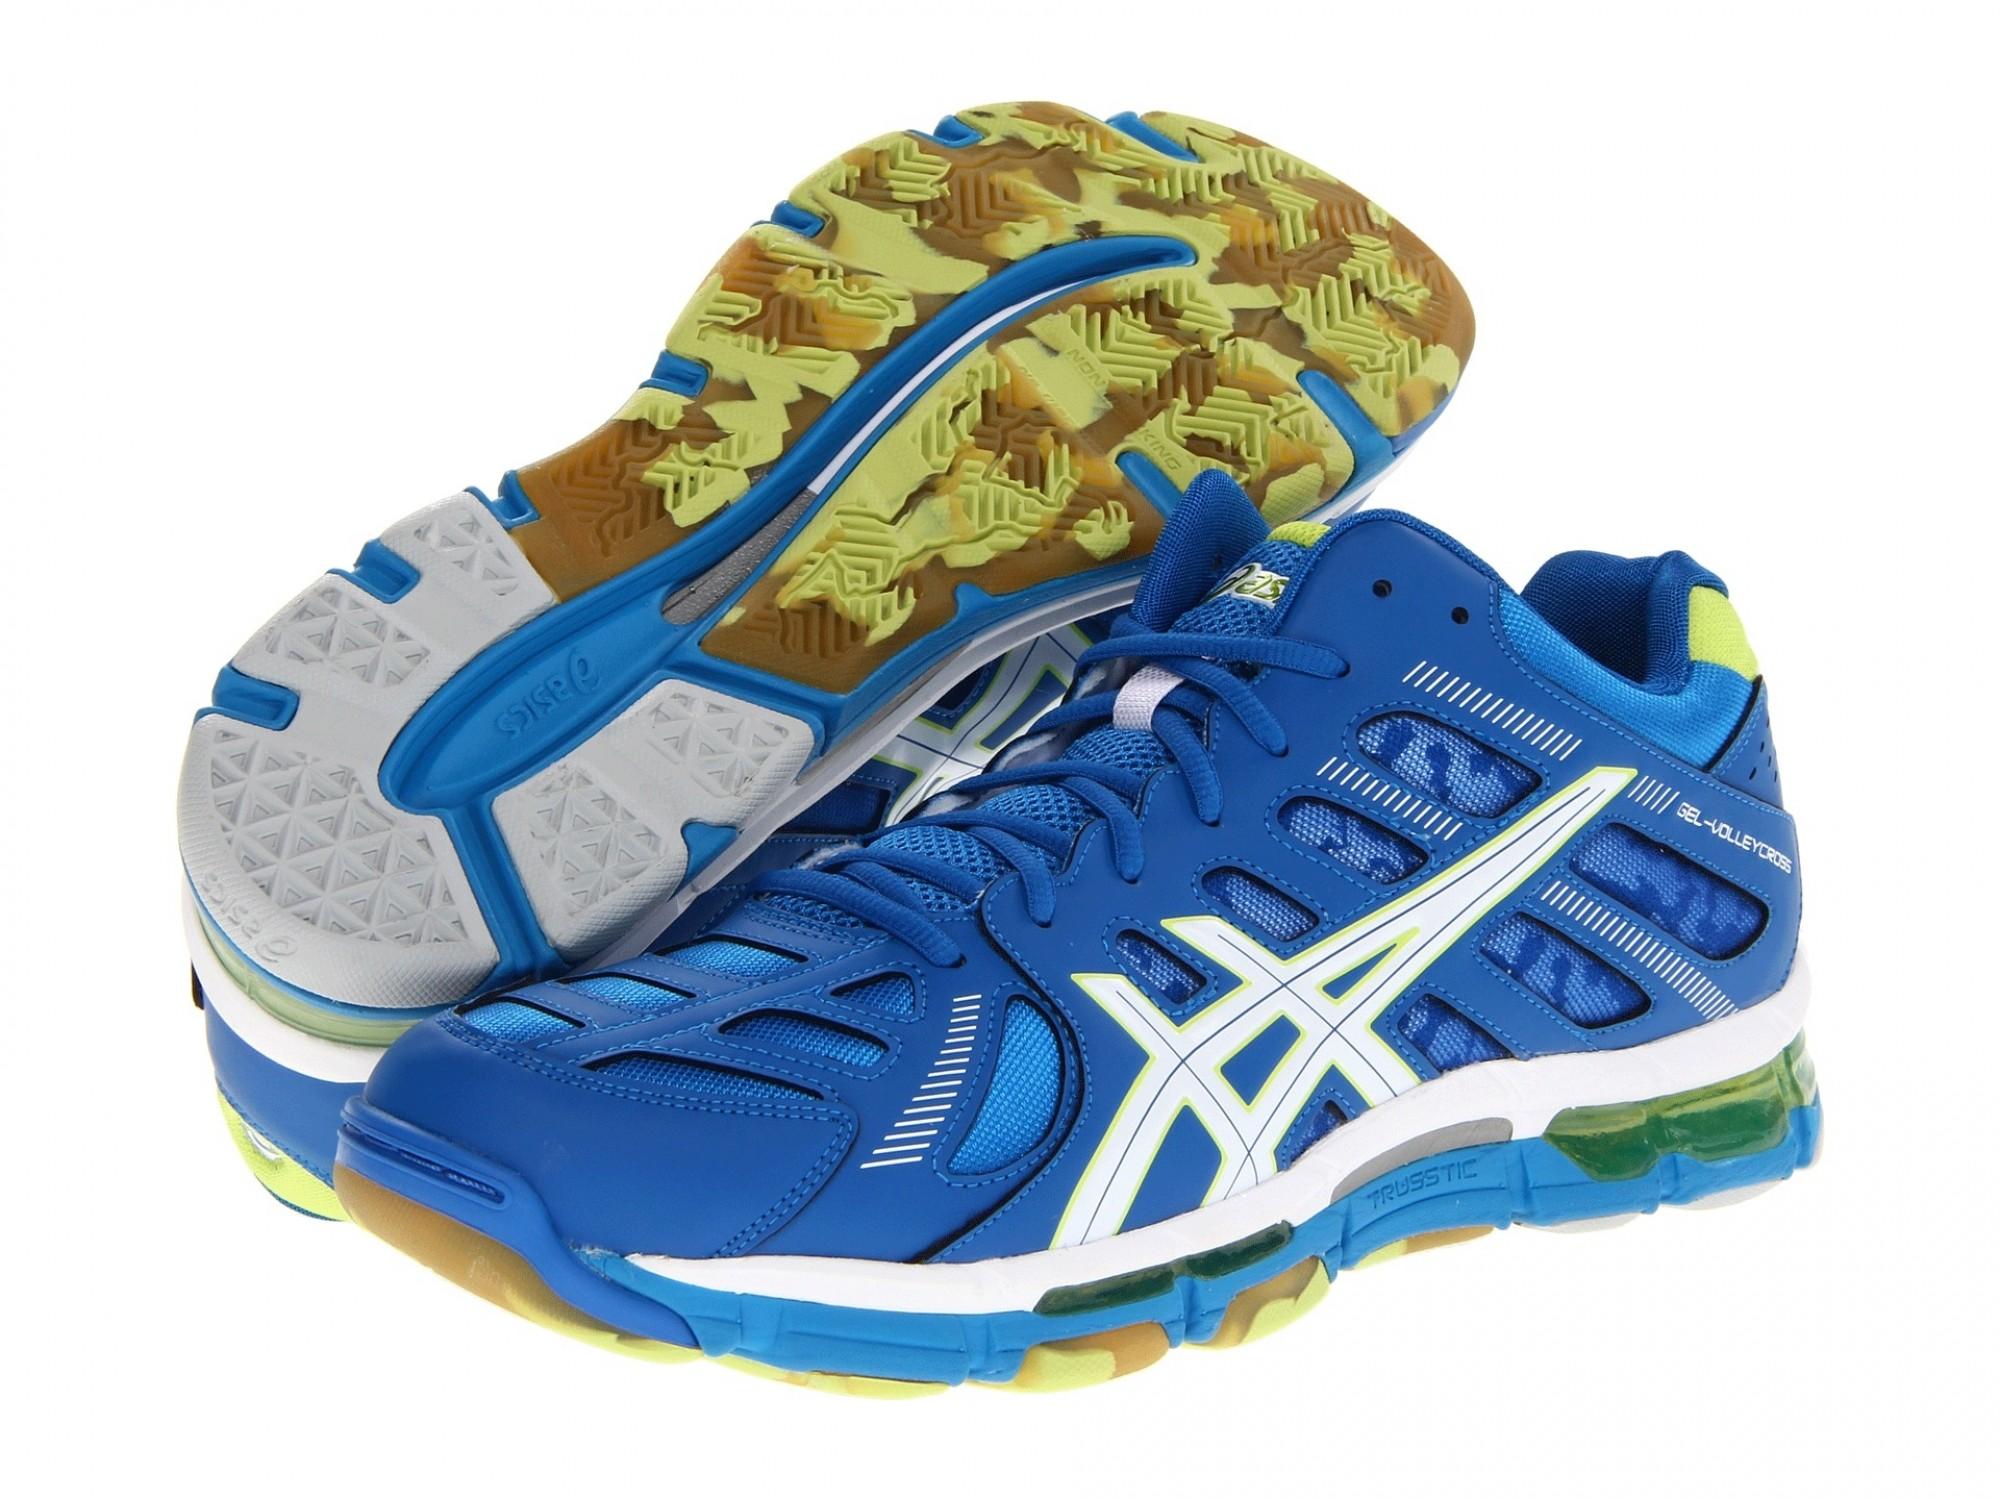 Asics GEL-Volleycross® Revolution MT (Blue) Волейбольные кроссовки ... d643b576b49db